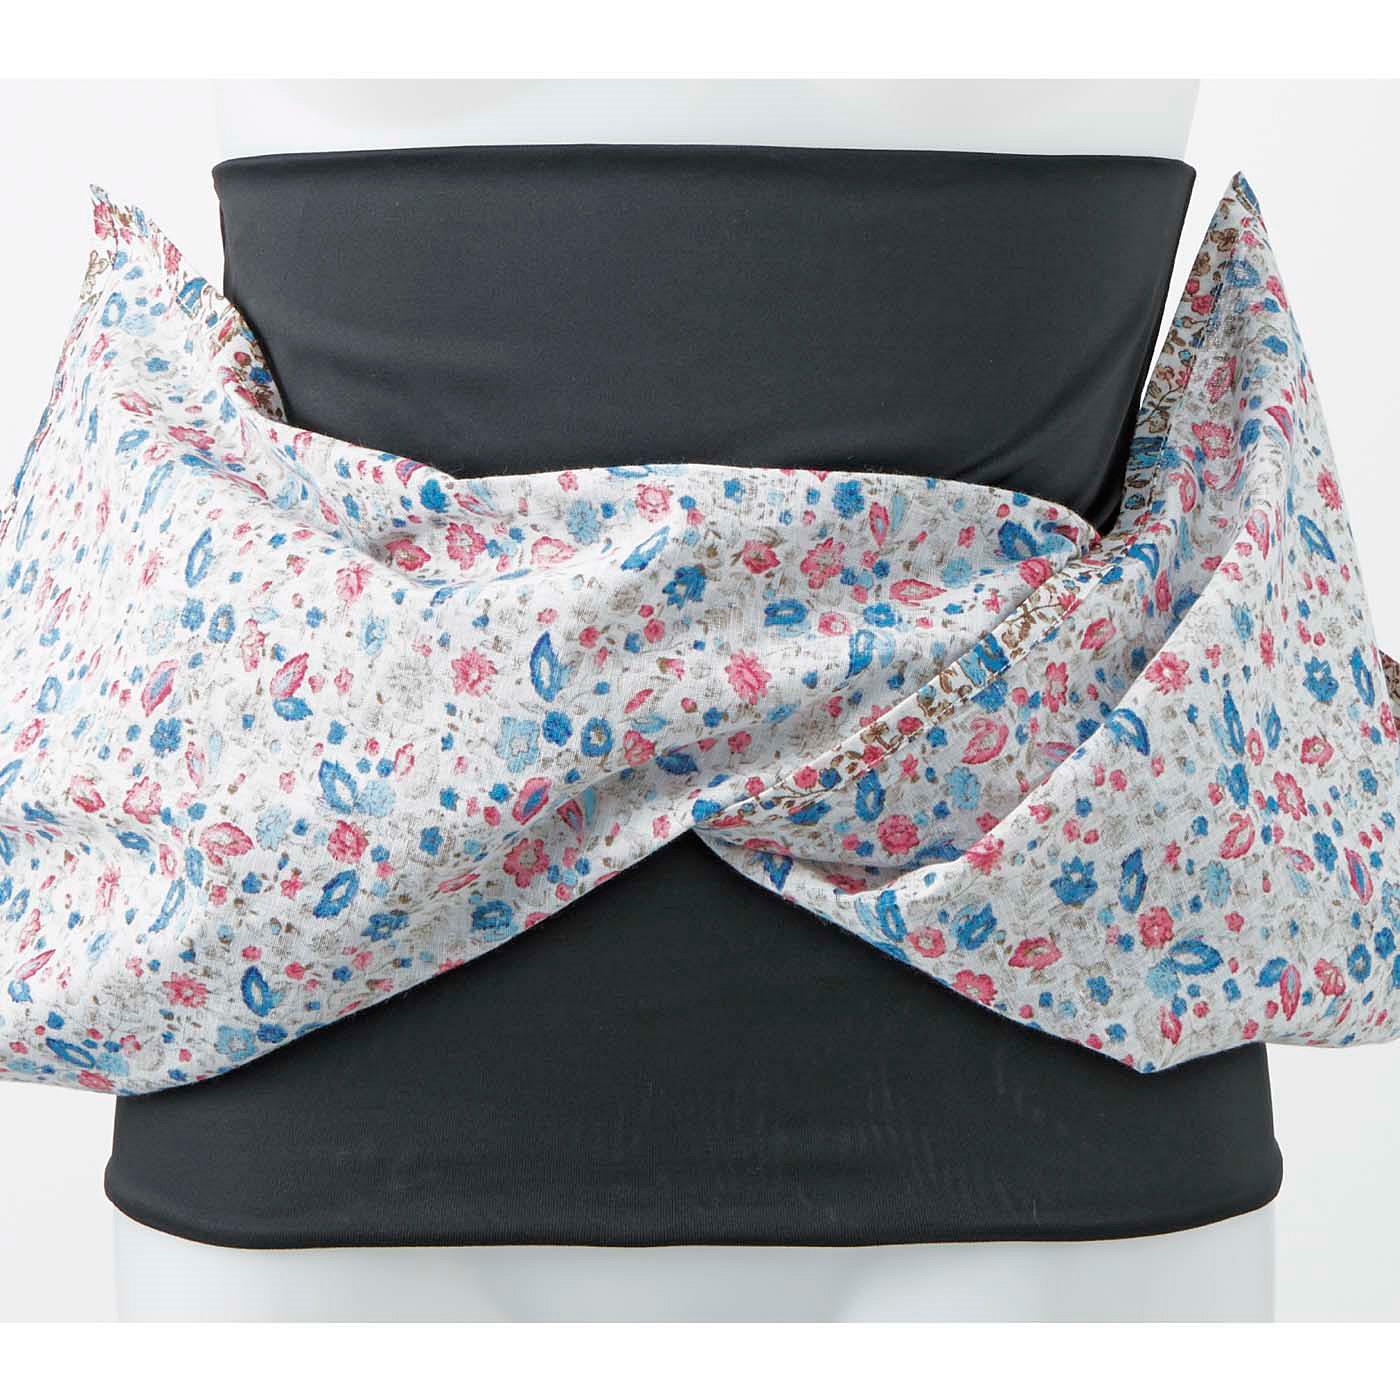 おなかフィッターとラップスカートが一体化! 伸縮性のある腹巻き状のおなかフィッターでほどよくぽっこりを押さえます。